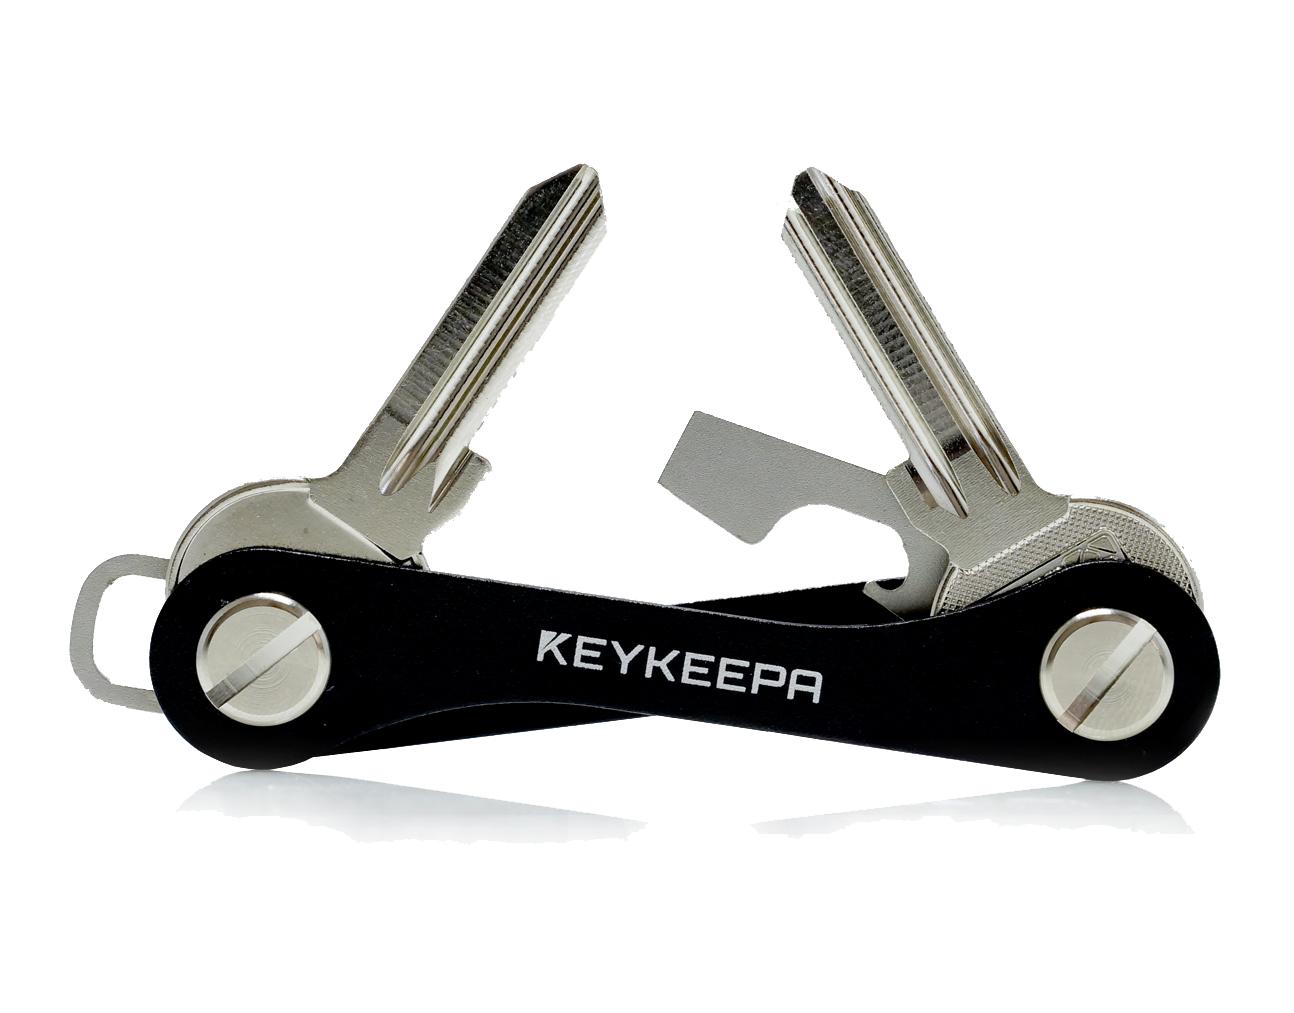 Keykeepa Sleutelhouder aluminium, tot 12 sleutels, zwart